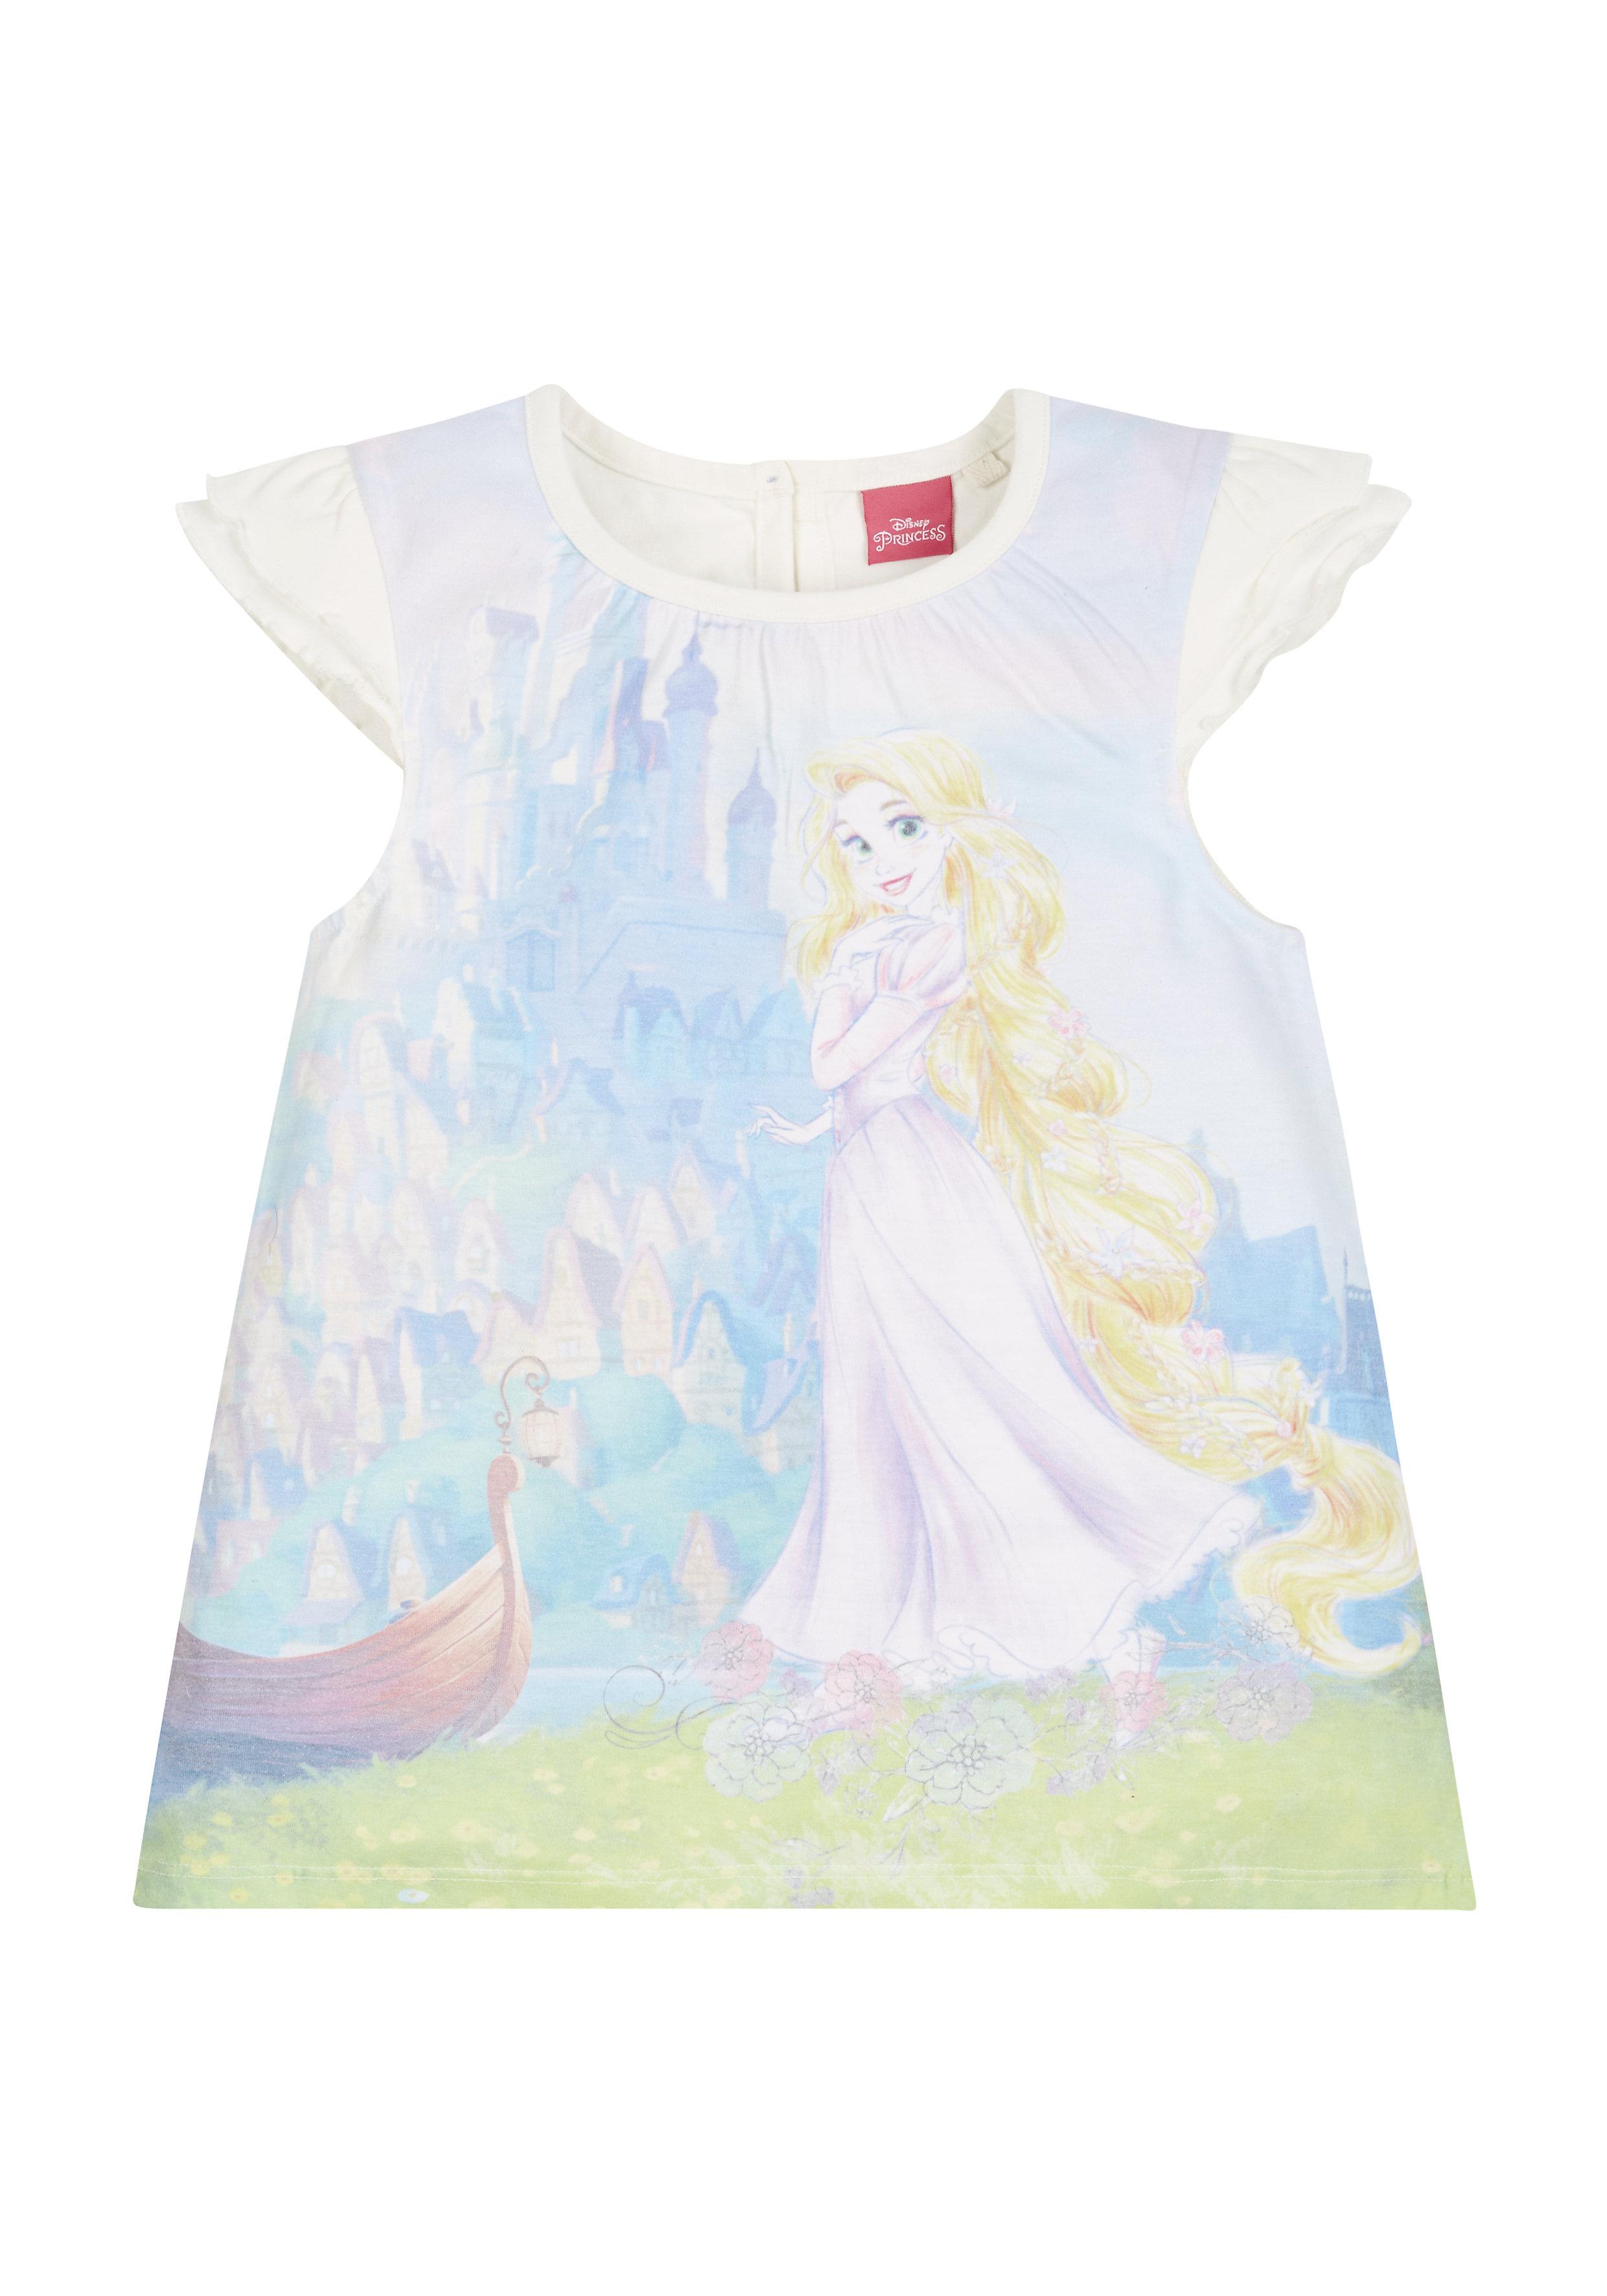 Mothercare   Girls Disney Rapunzel Sublimation T-Shirt - Multicolor